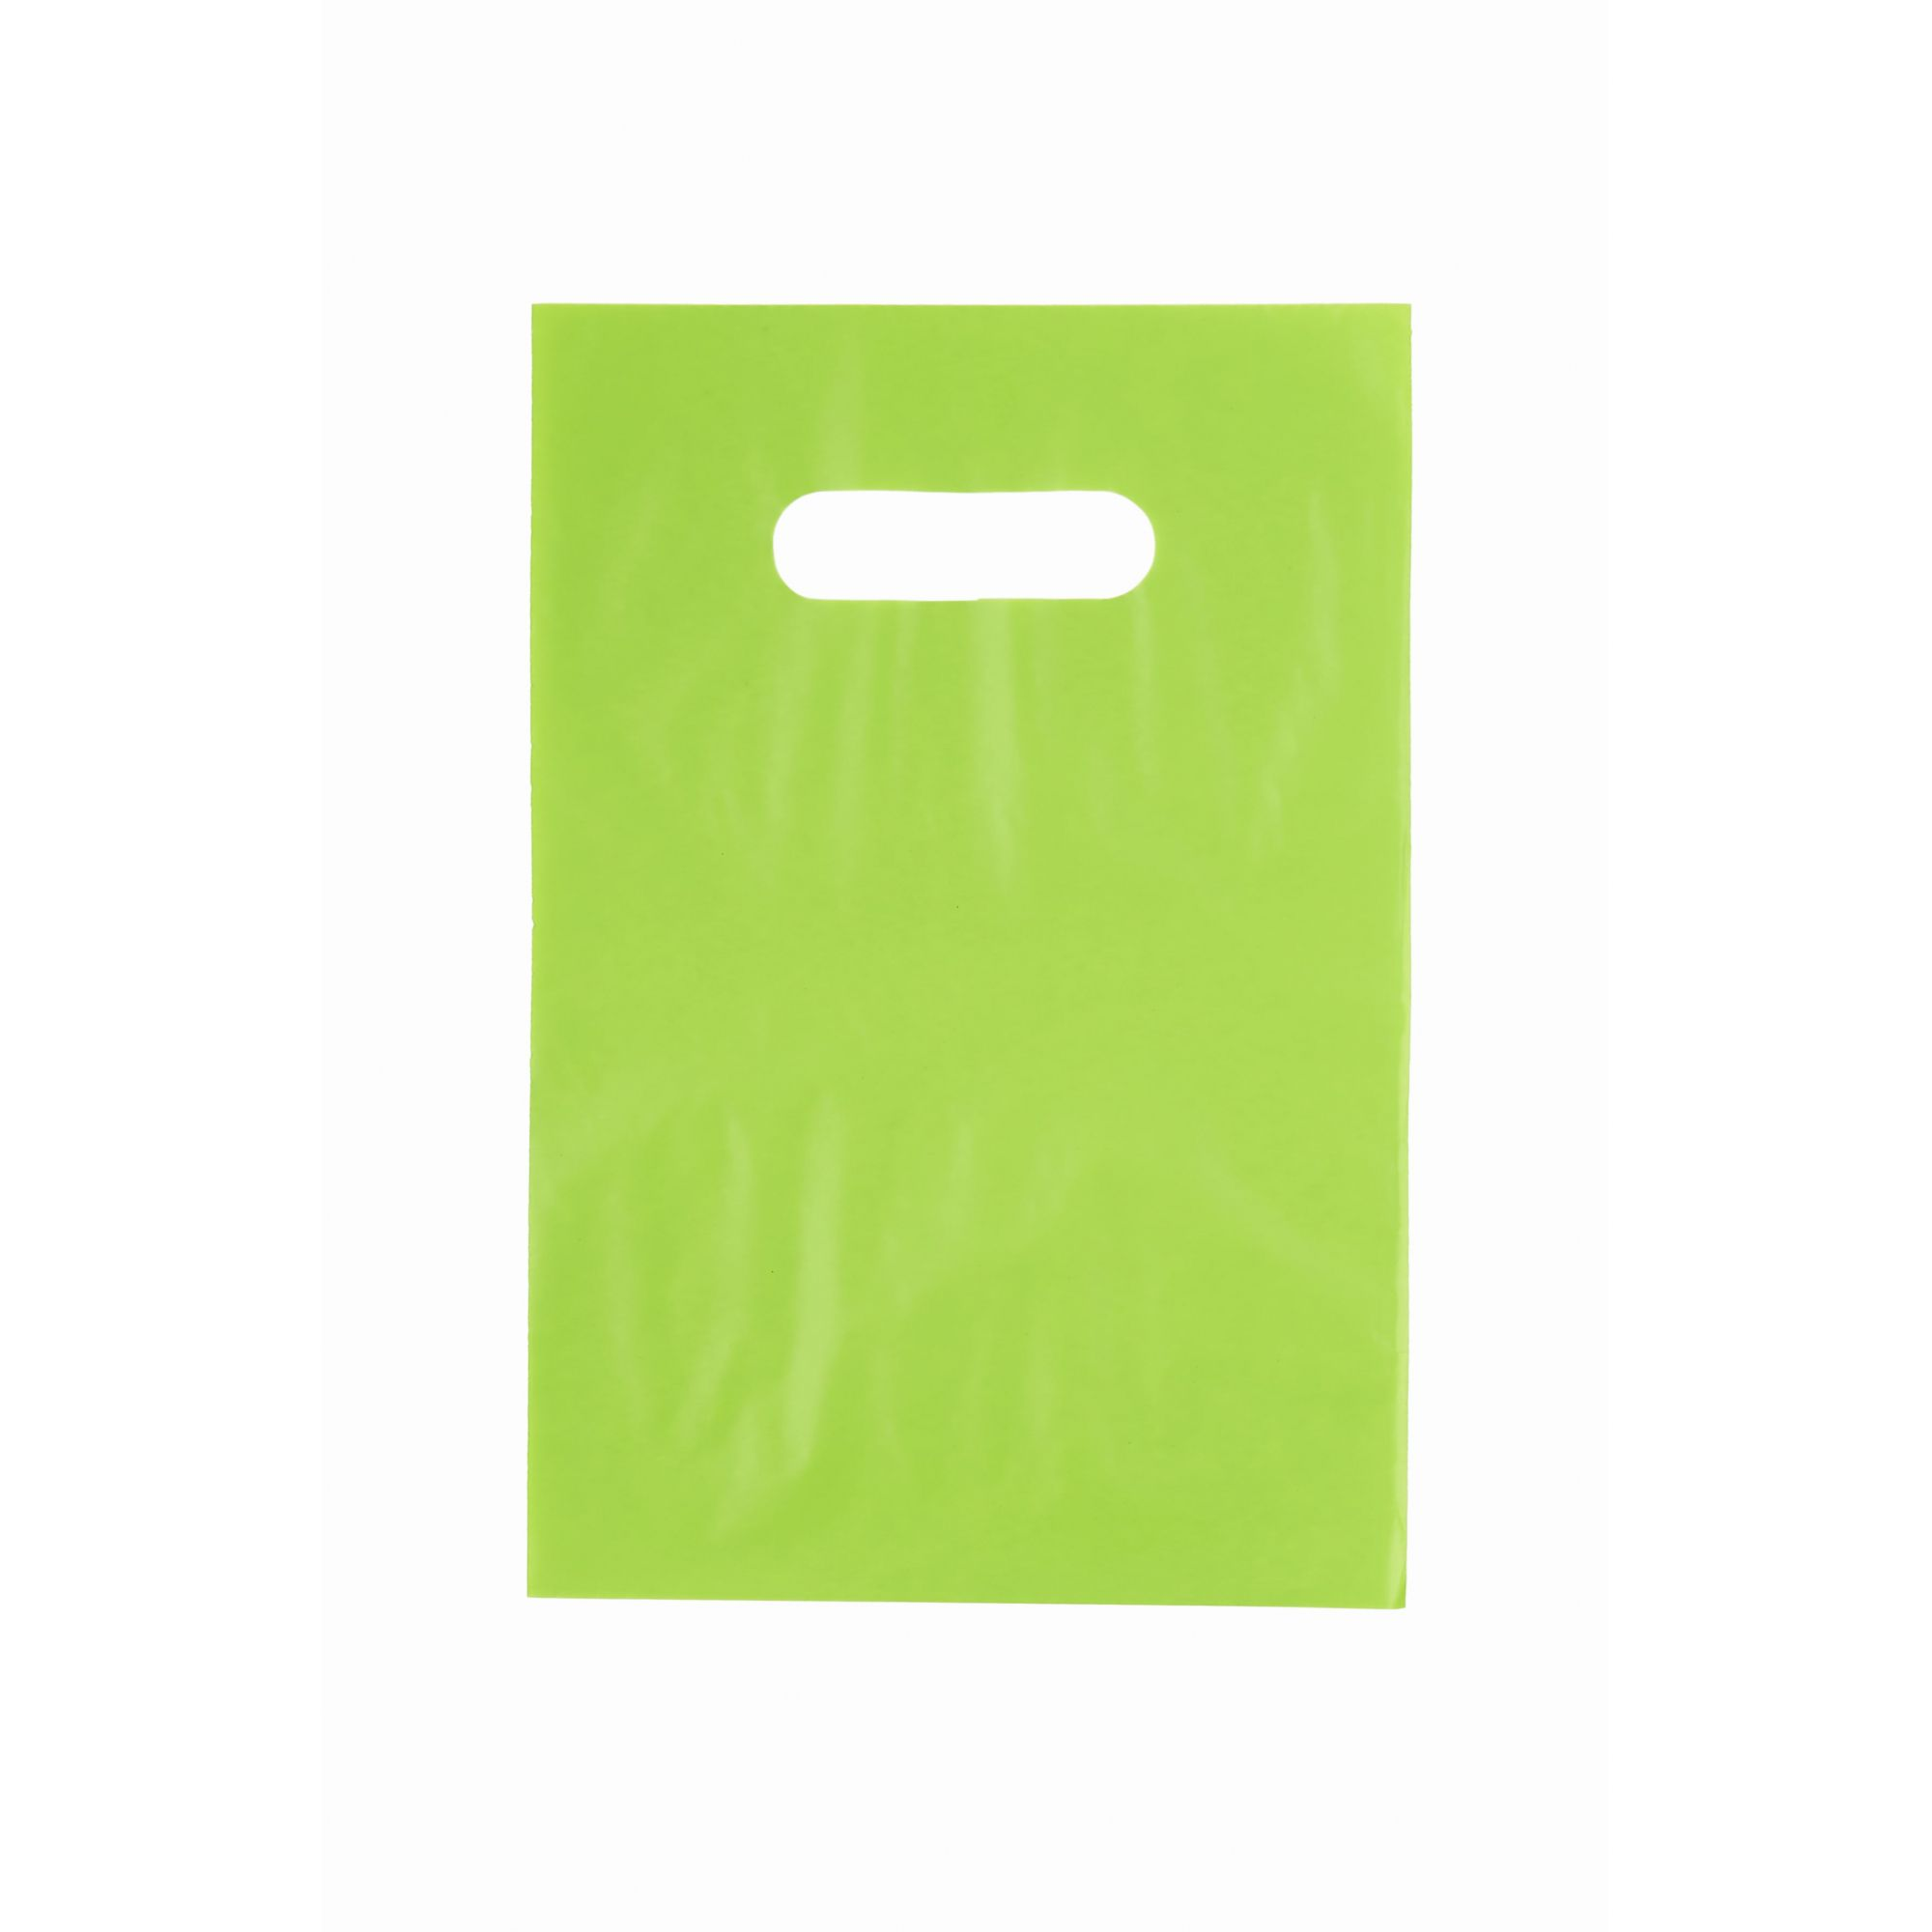 Sacola Plástica 20x30 Verde - Alça Boca de Palhaço